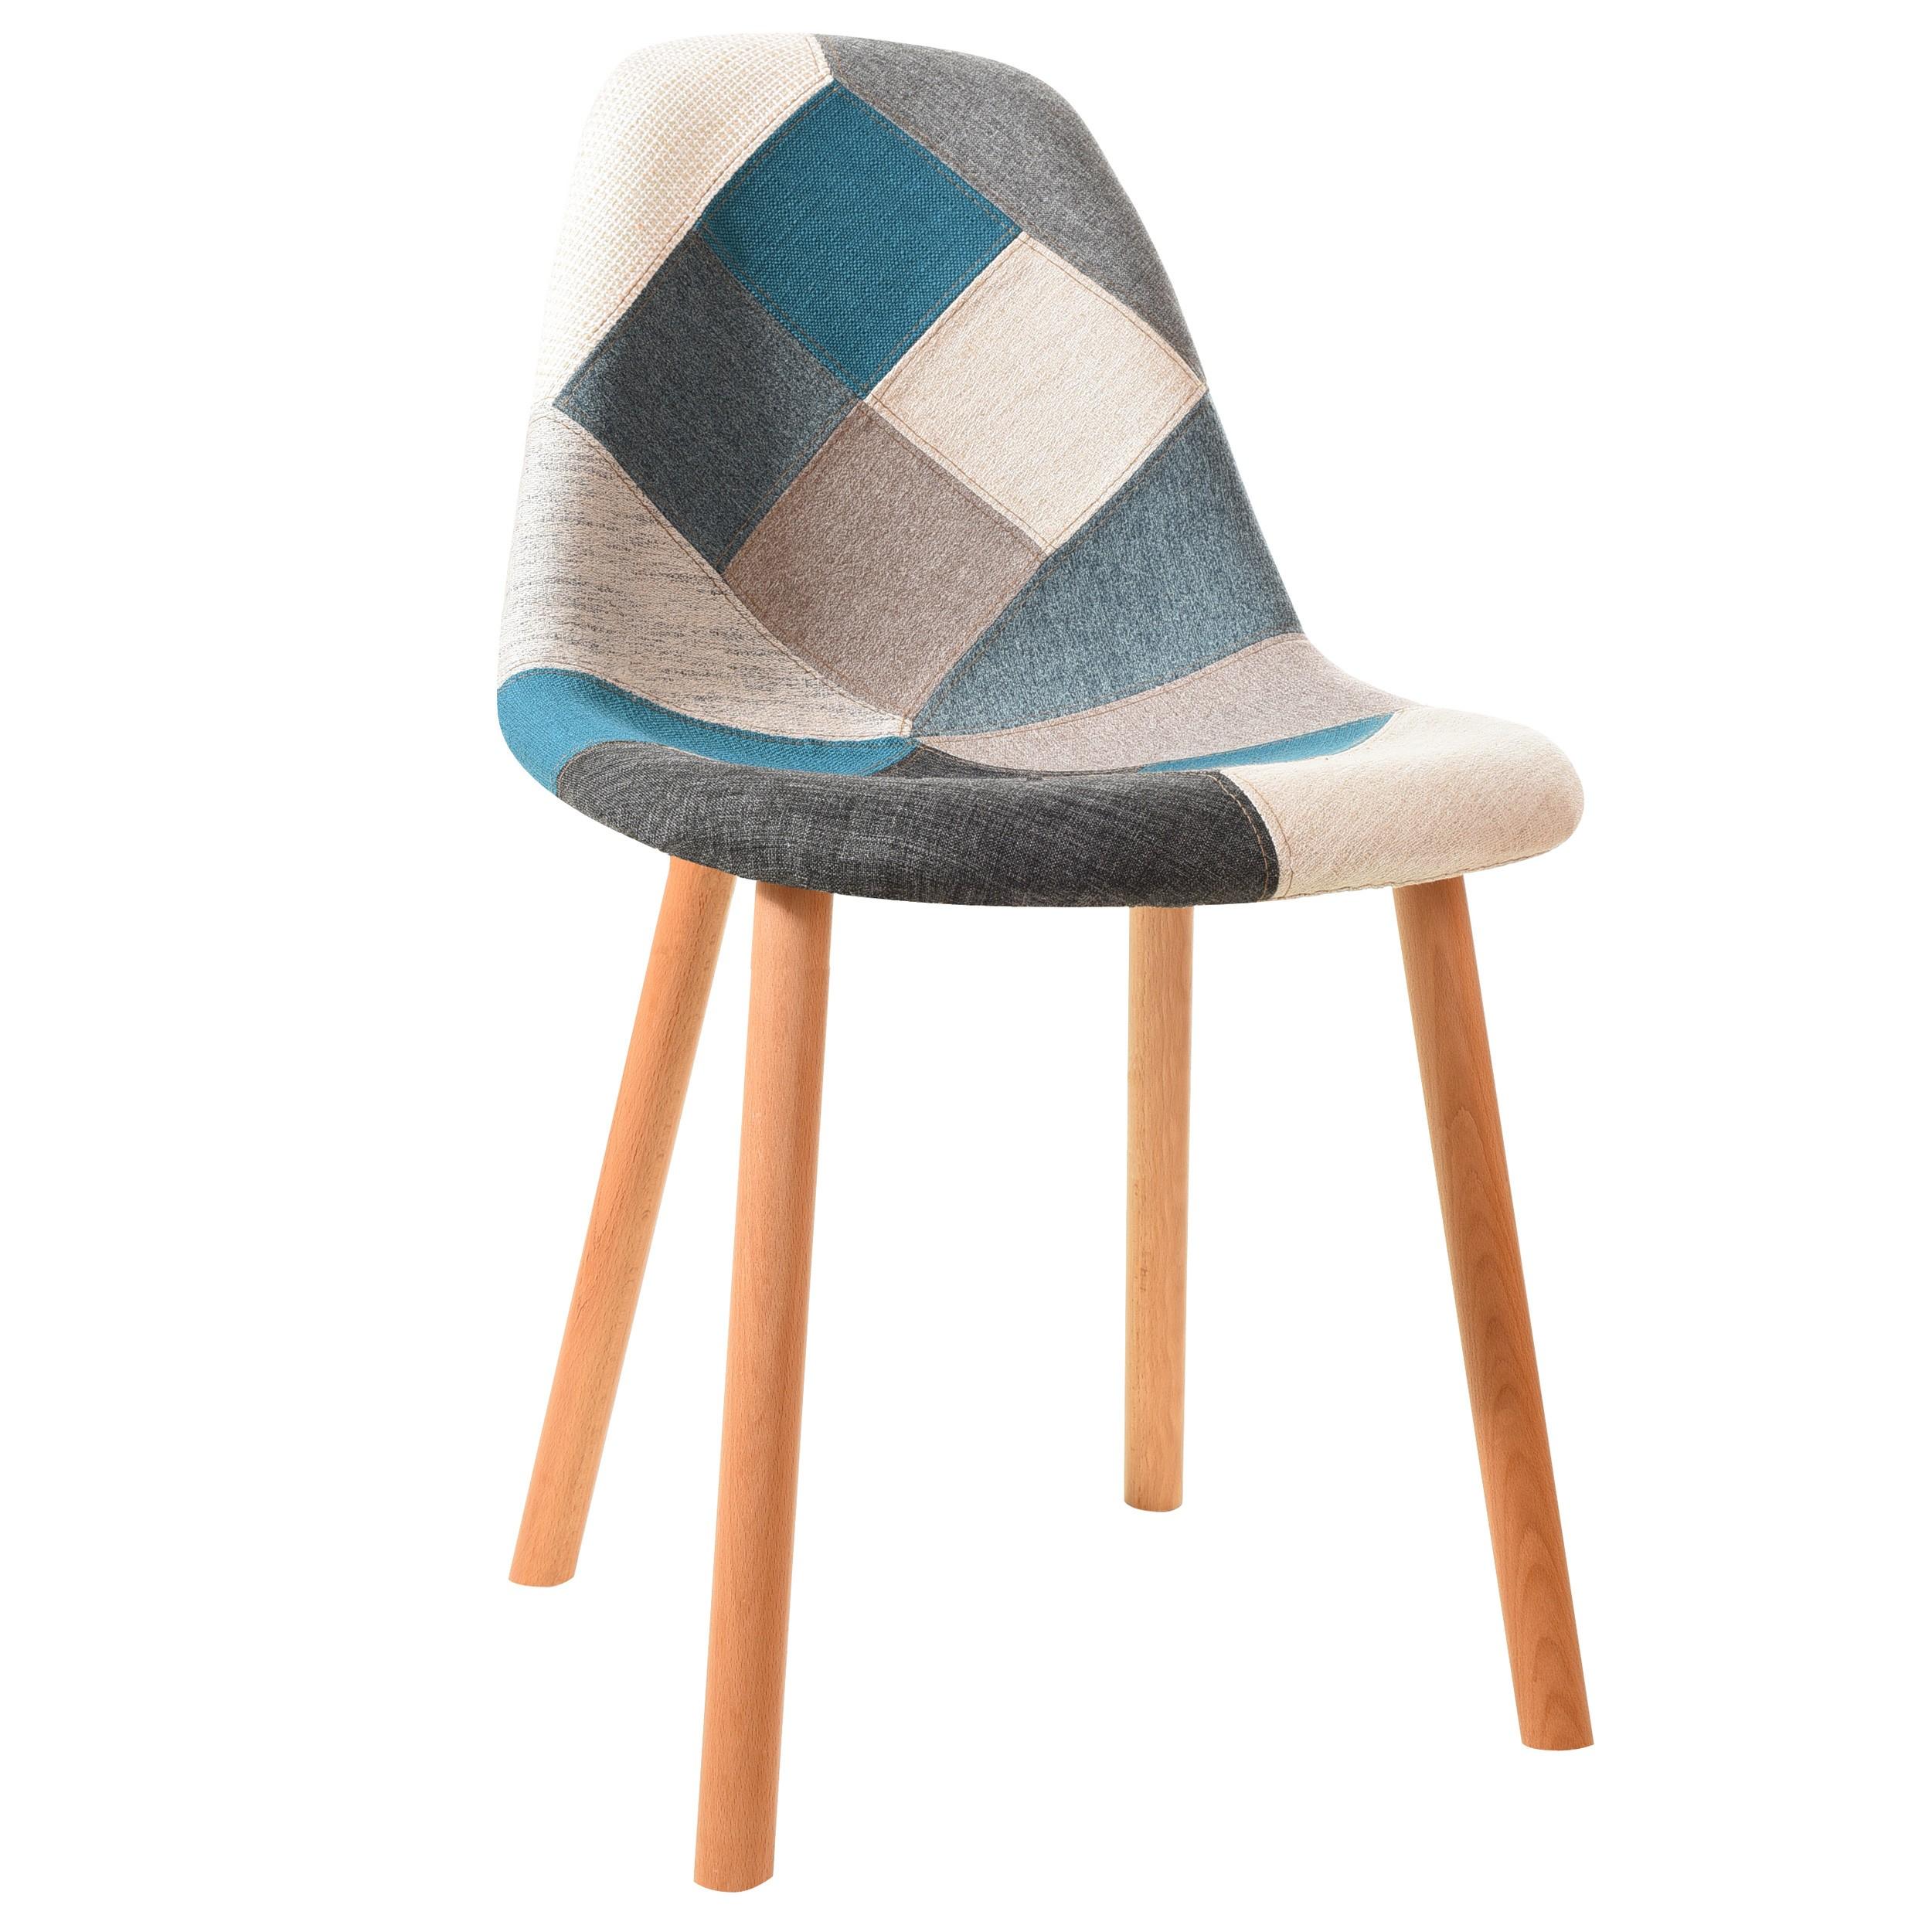 Chaise Nordik patchwork bleue (lot de 6)